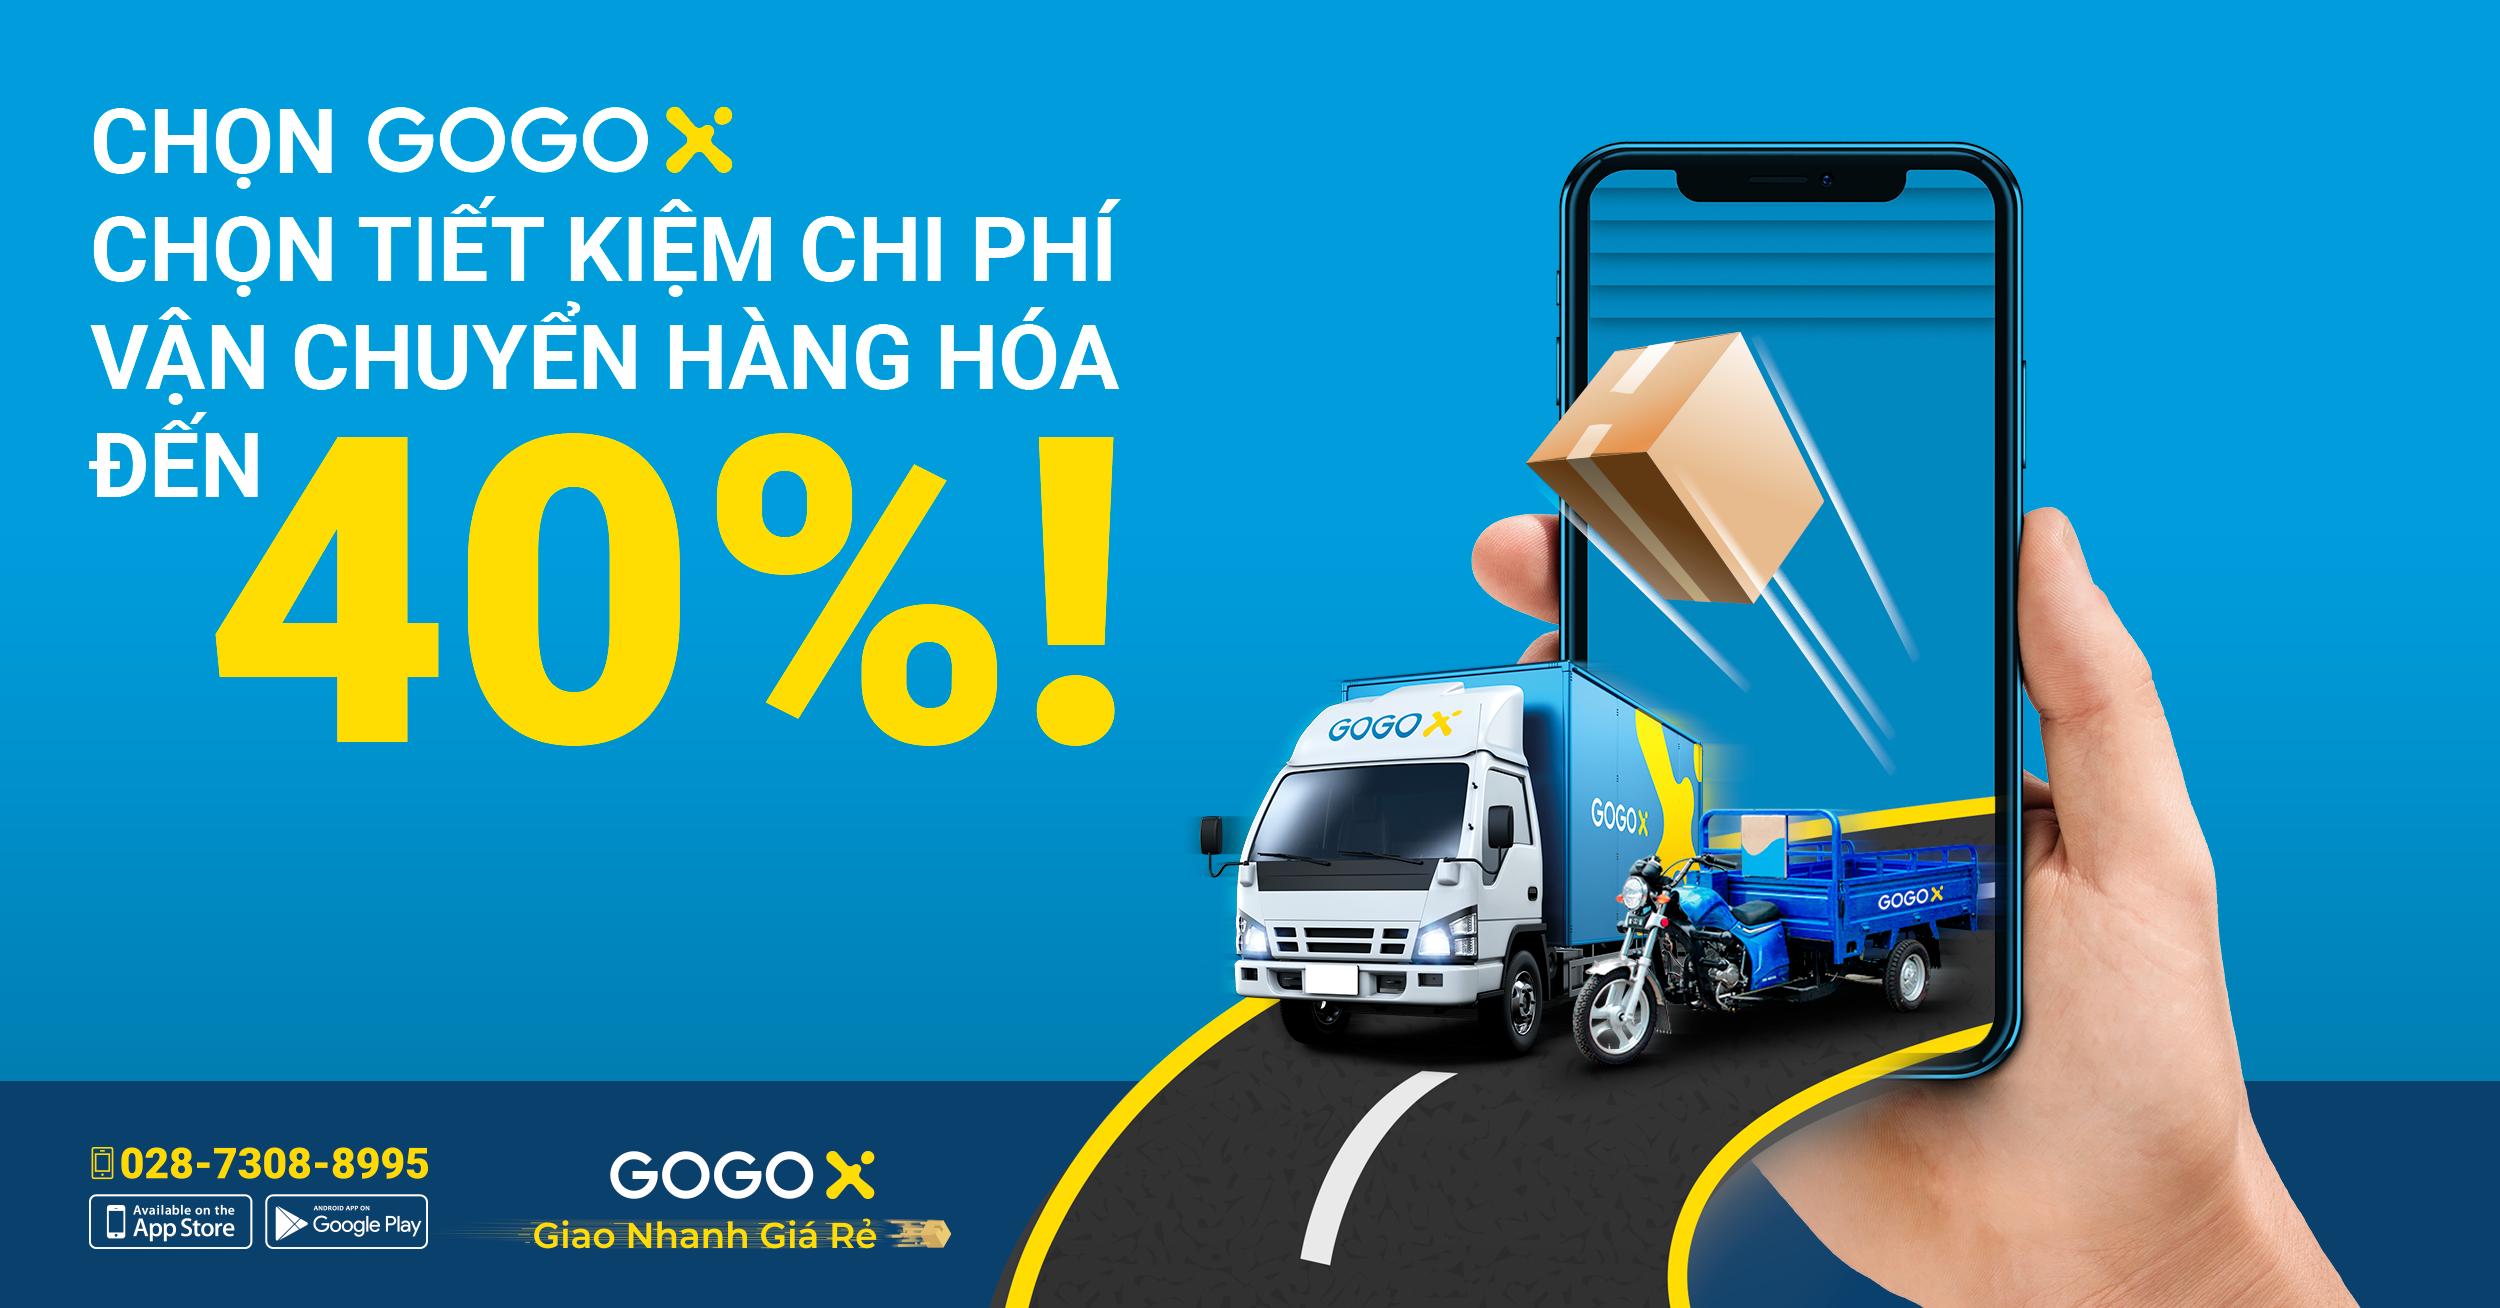 giao hàng xe ba gác, giao hàng xe tải giá rẻ cho doanh nghiệp